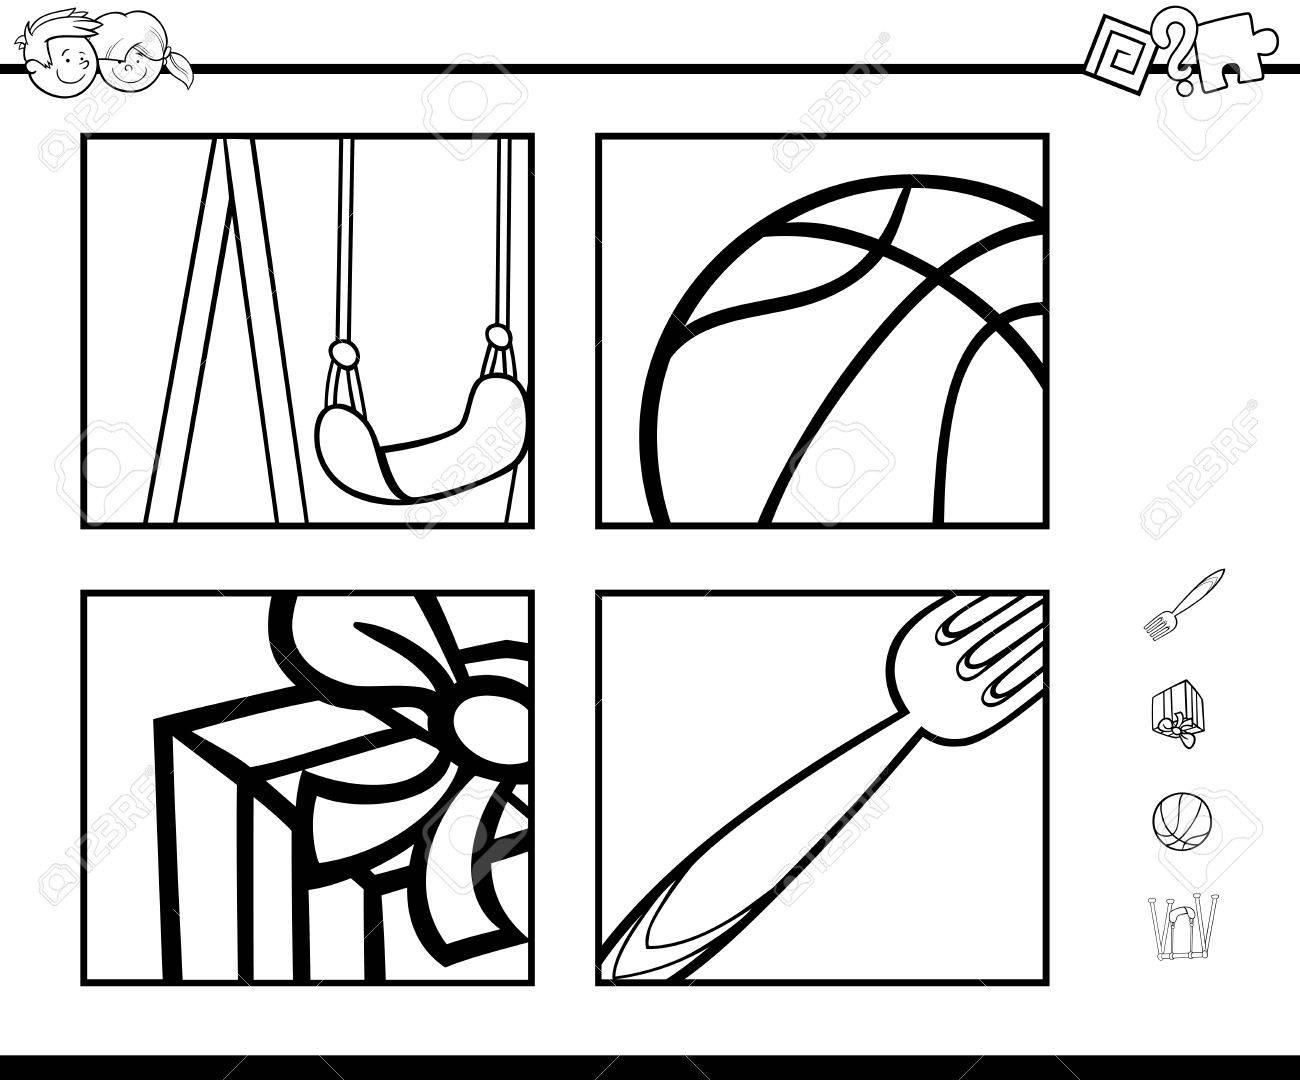 Dorable Bionicle Para Colorear Páginas Tahu Molde - Dibujos Para ...